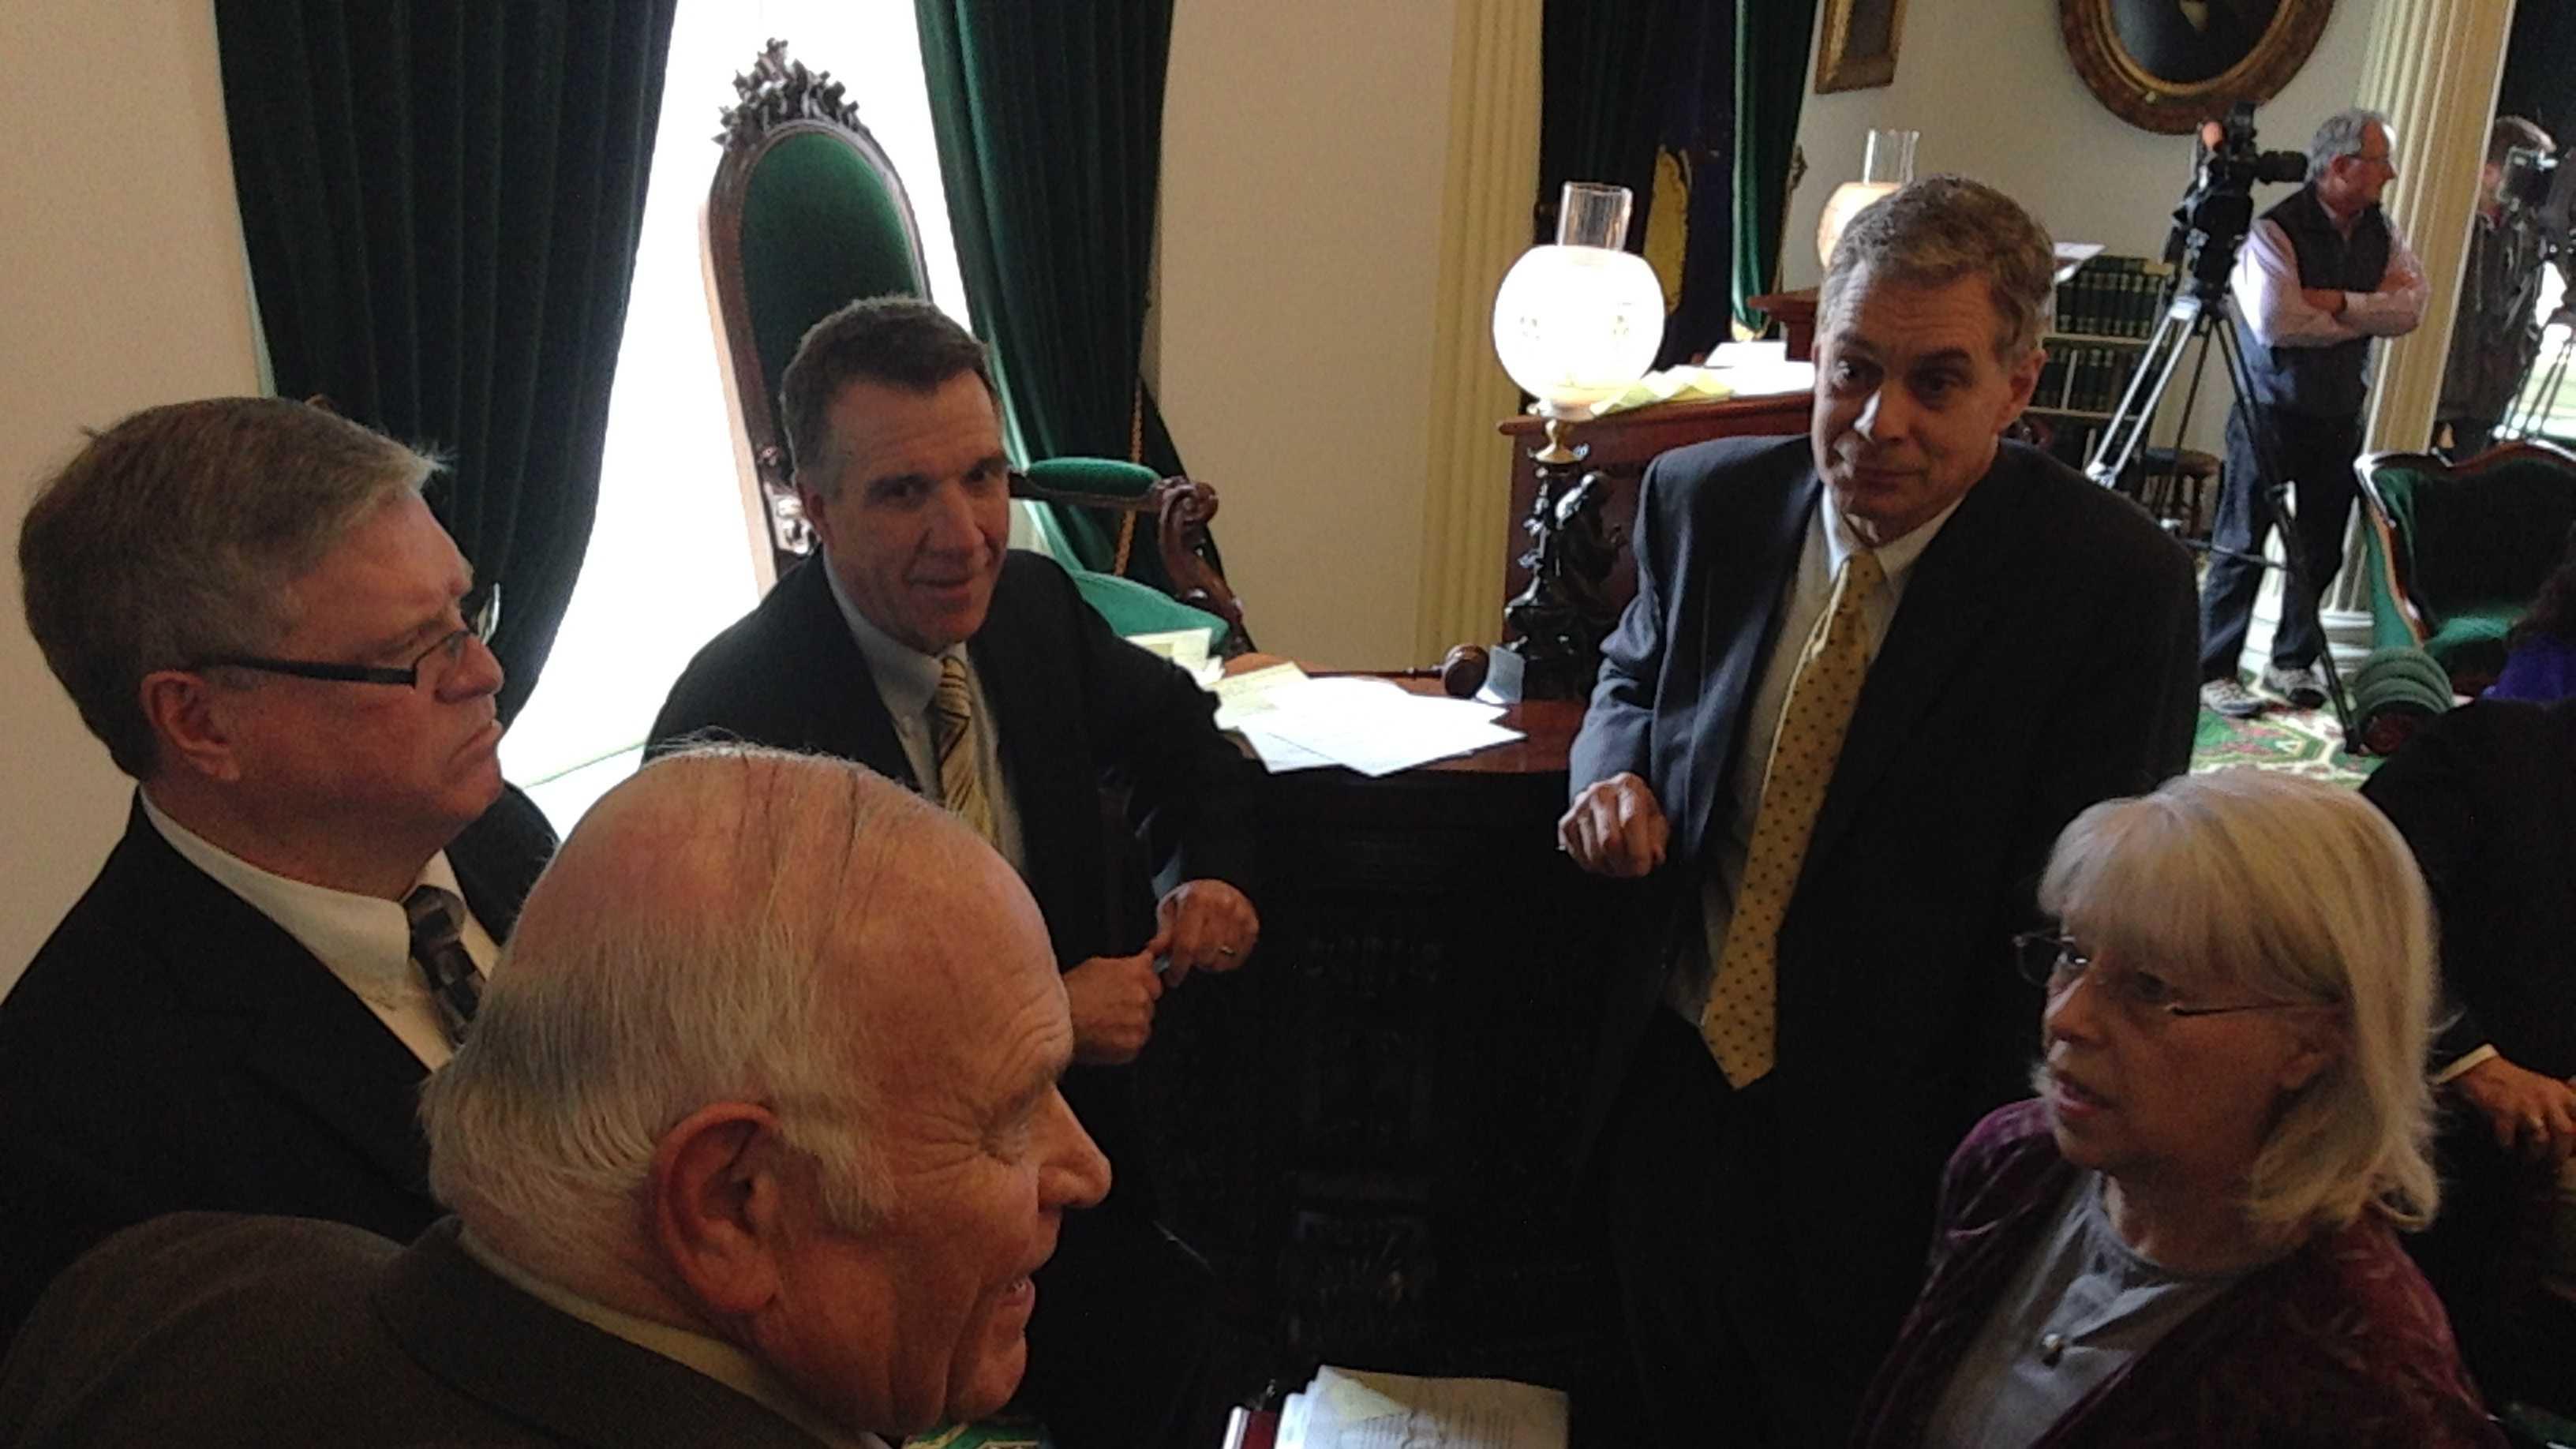 Senate postpones cell phone vote